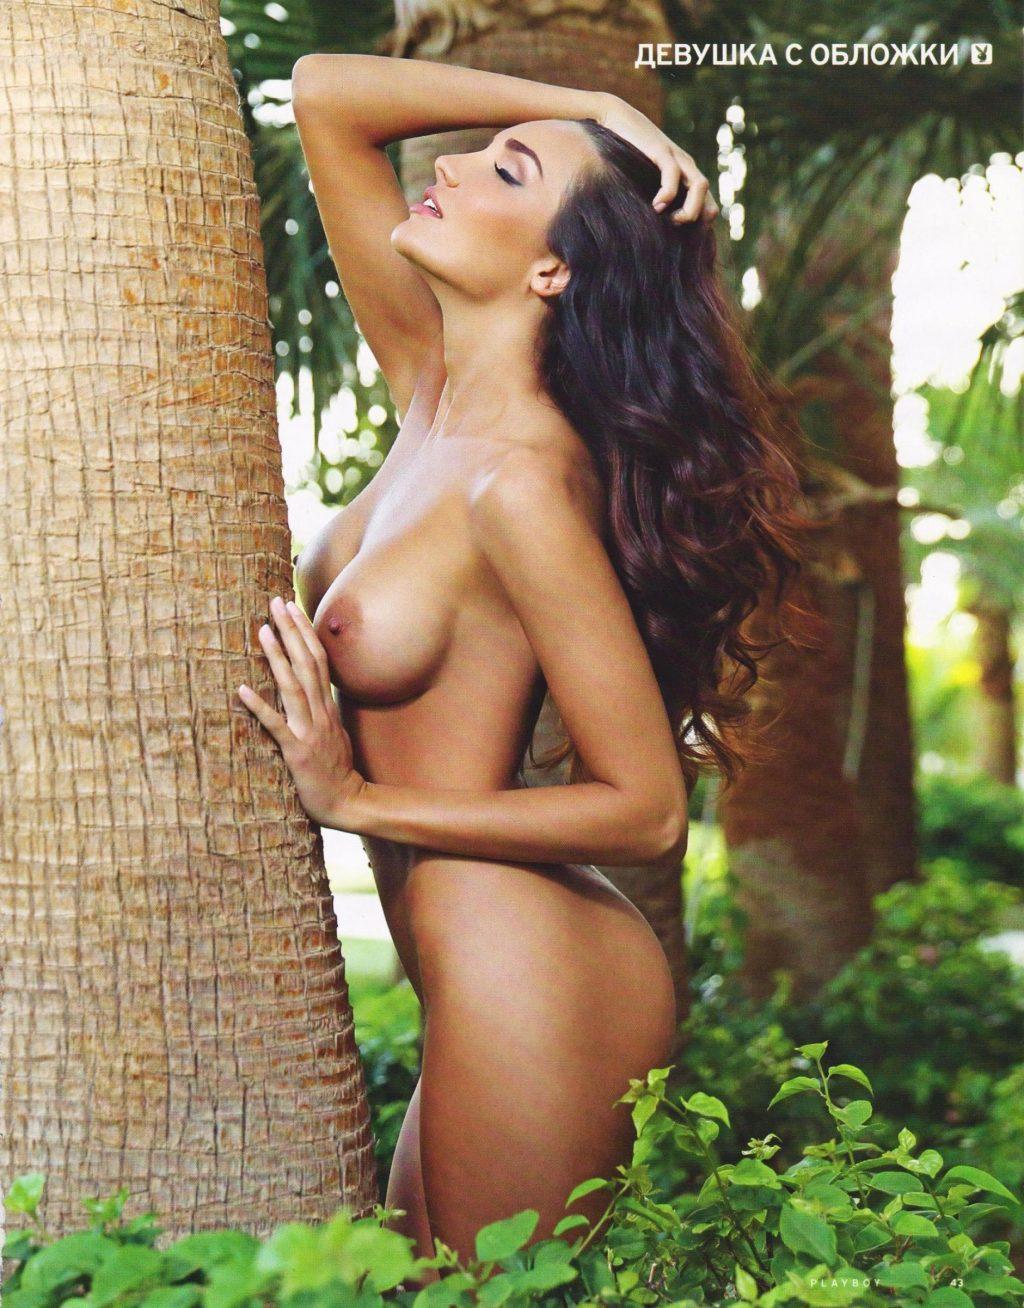 Bogdana Nazarova Nude nude (15 pic)